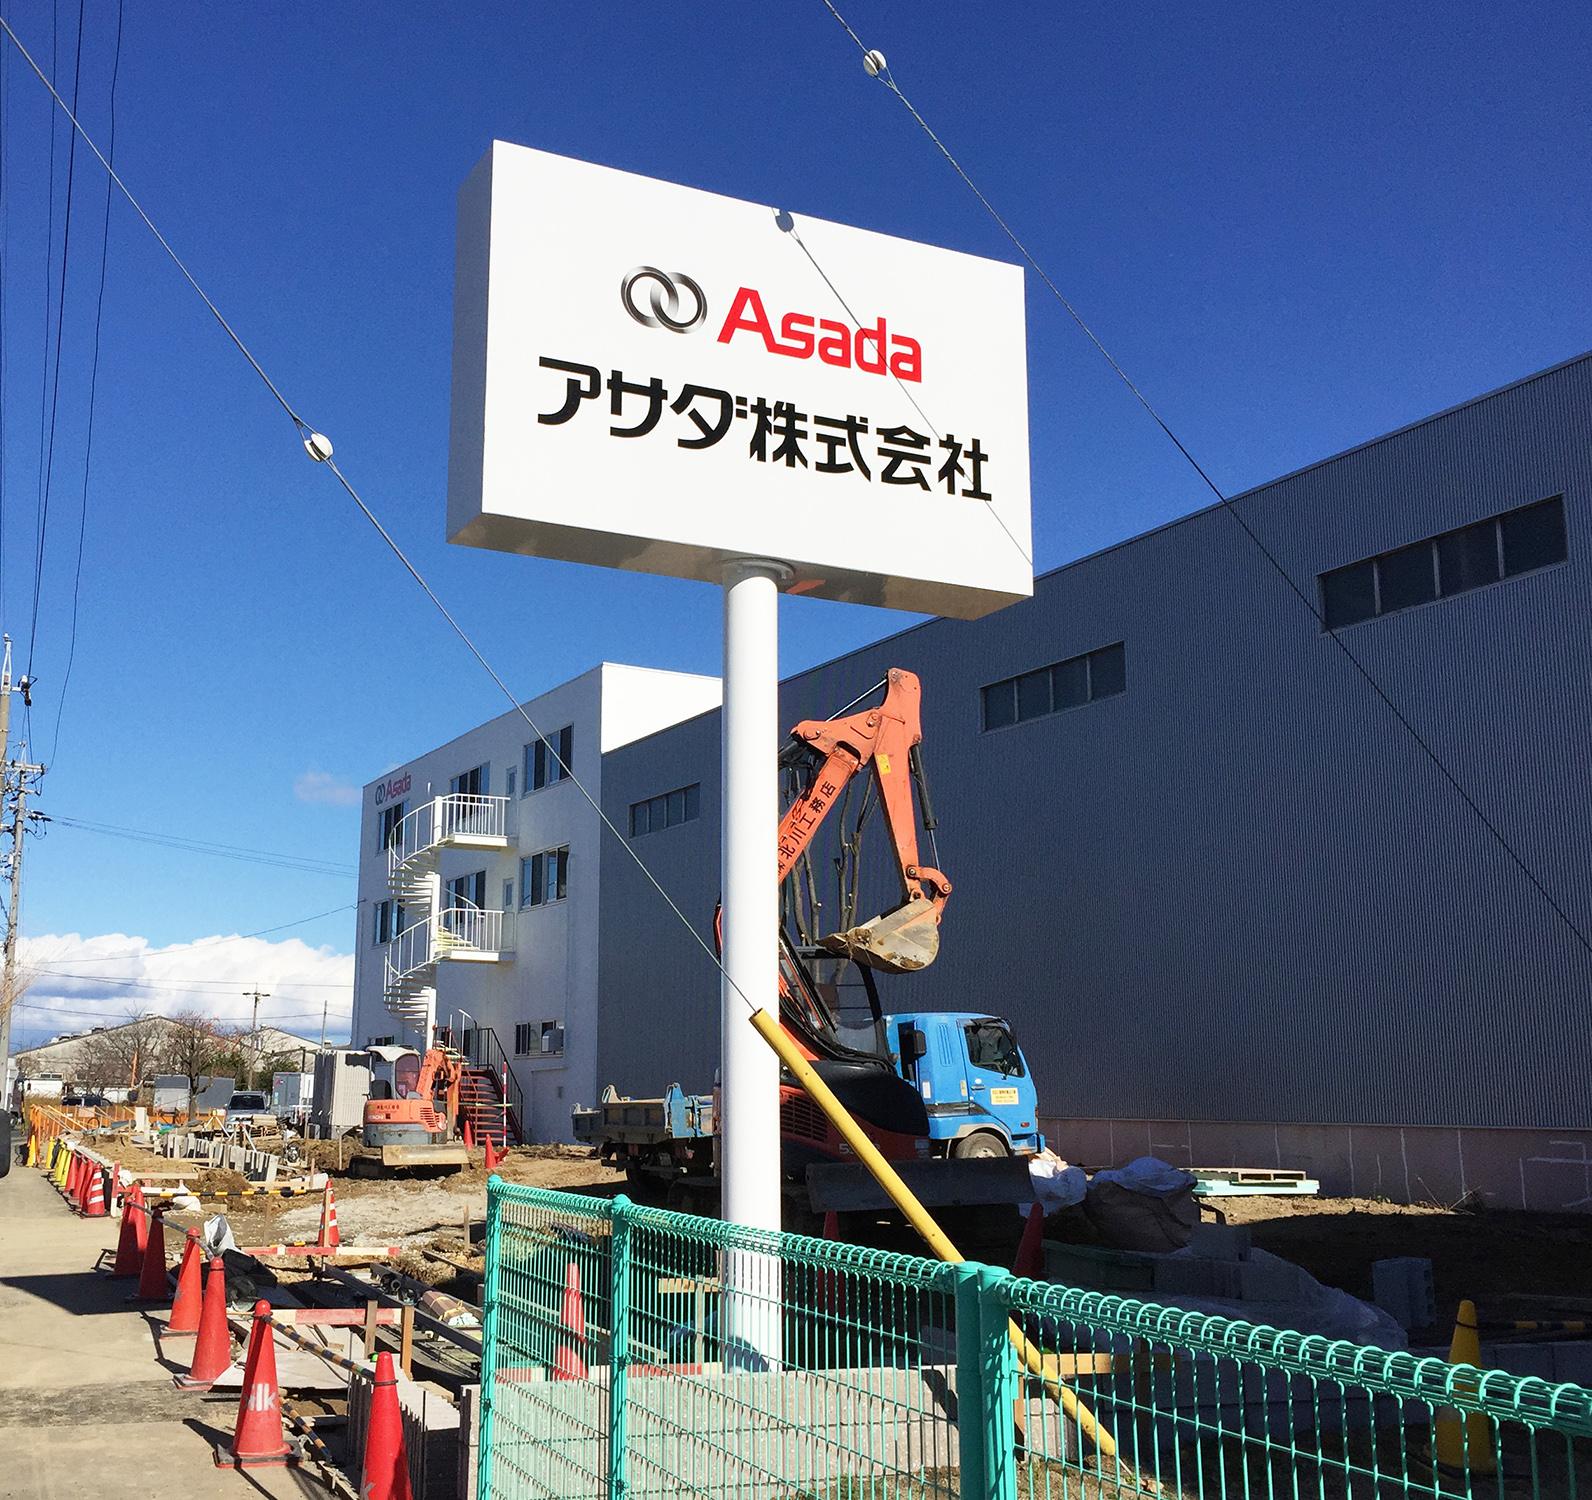 メーカー工場のポールサイン 愛知県犬山市